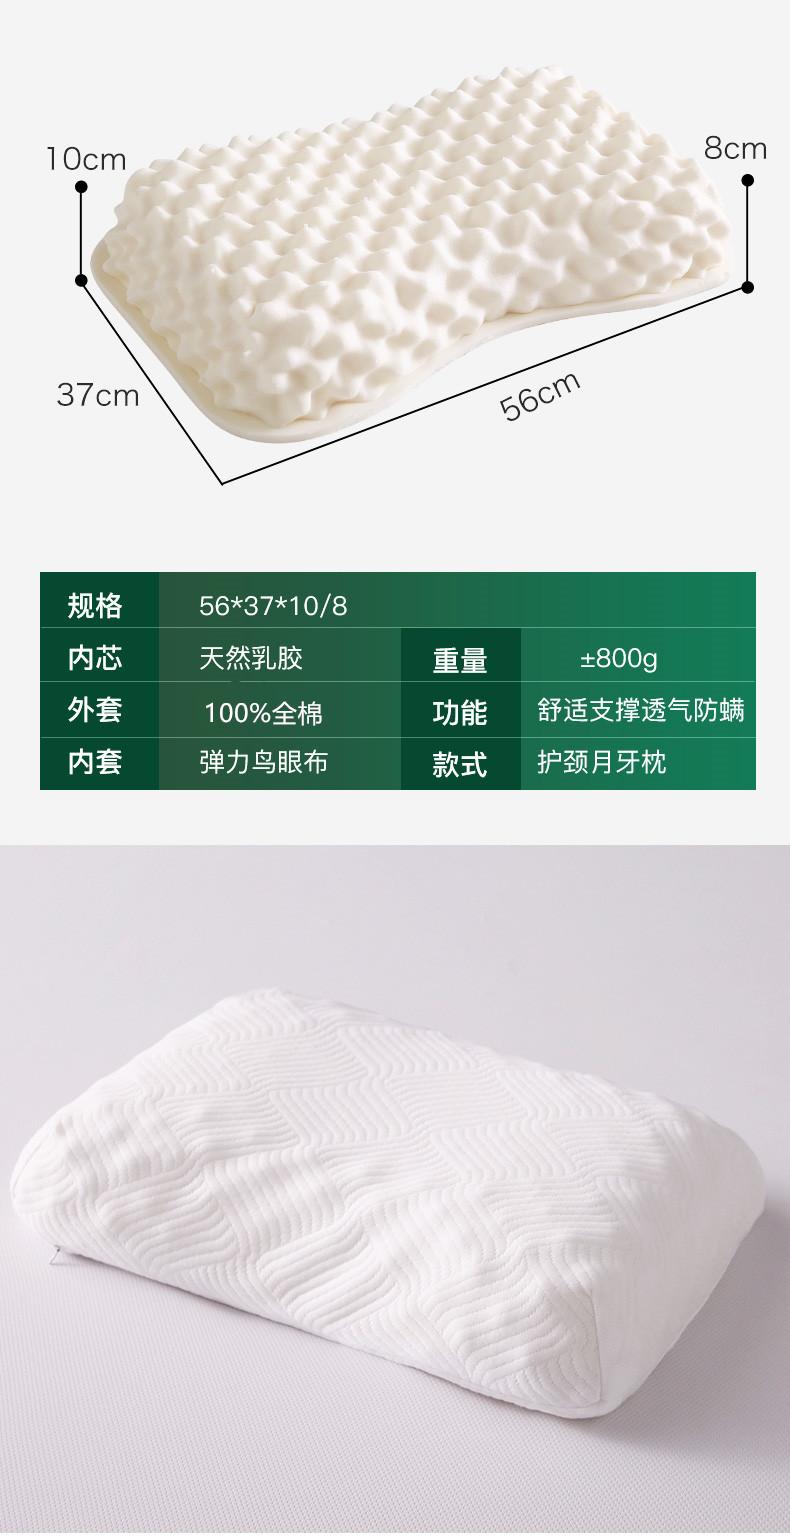 湖州原装乳胶枕头哪家好 服务为先「泰国泰橡集团(中国)供应」